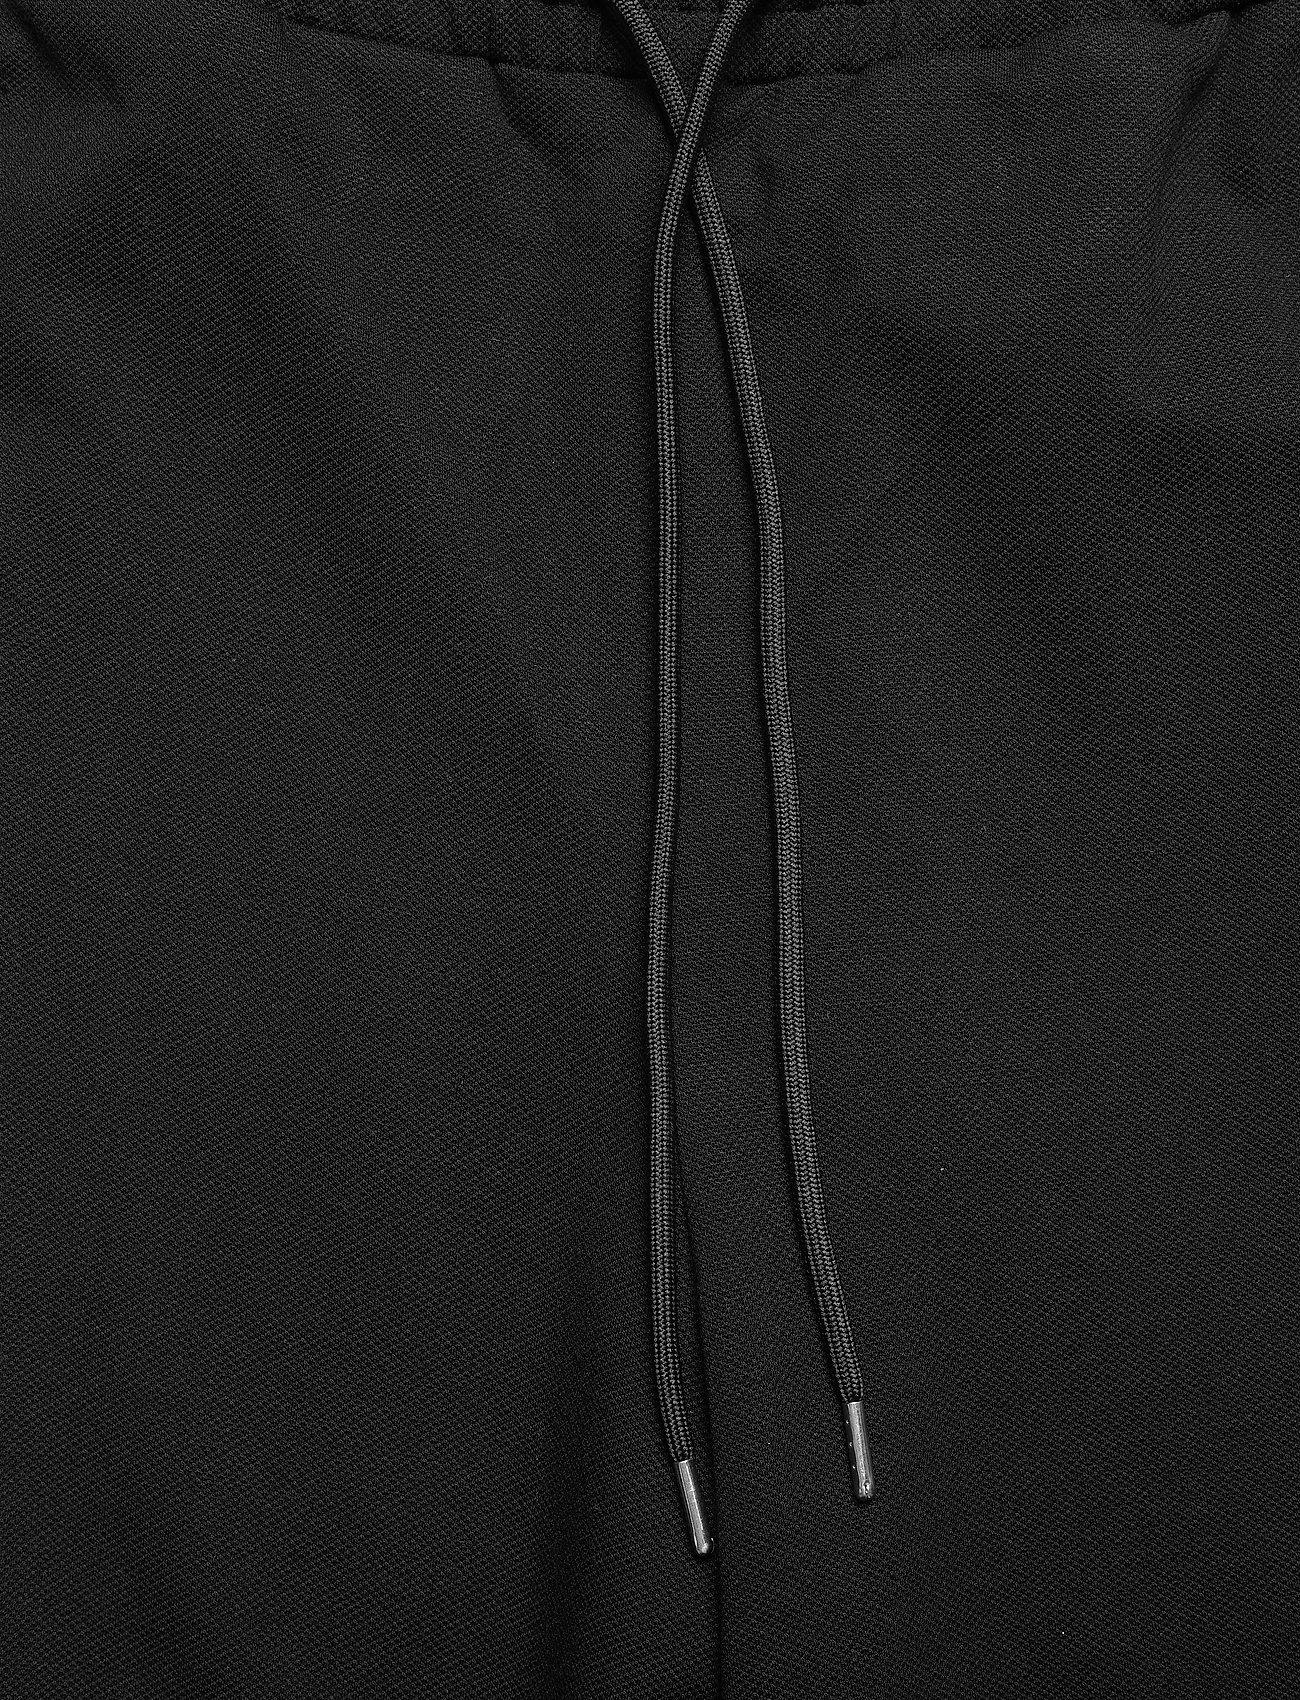 HAN Kjøbenhavn - Track Pants - kleding - black pique - 3